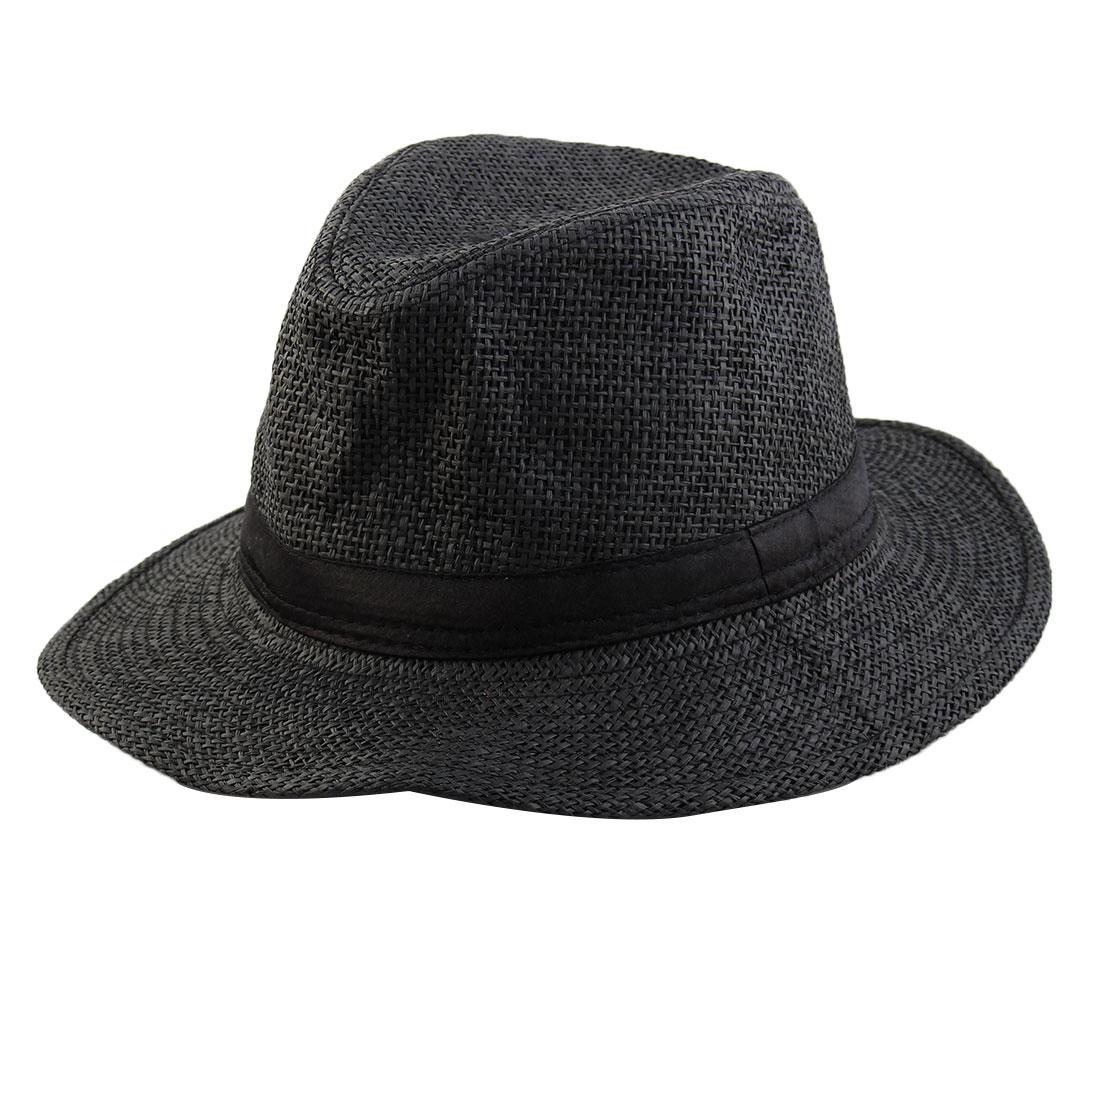 Men Summer Straw Braided Wide Brim Western Style Beach Sunhat Cowboy Hat Black